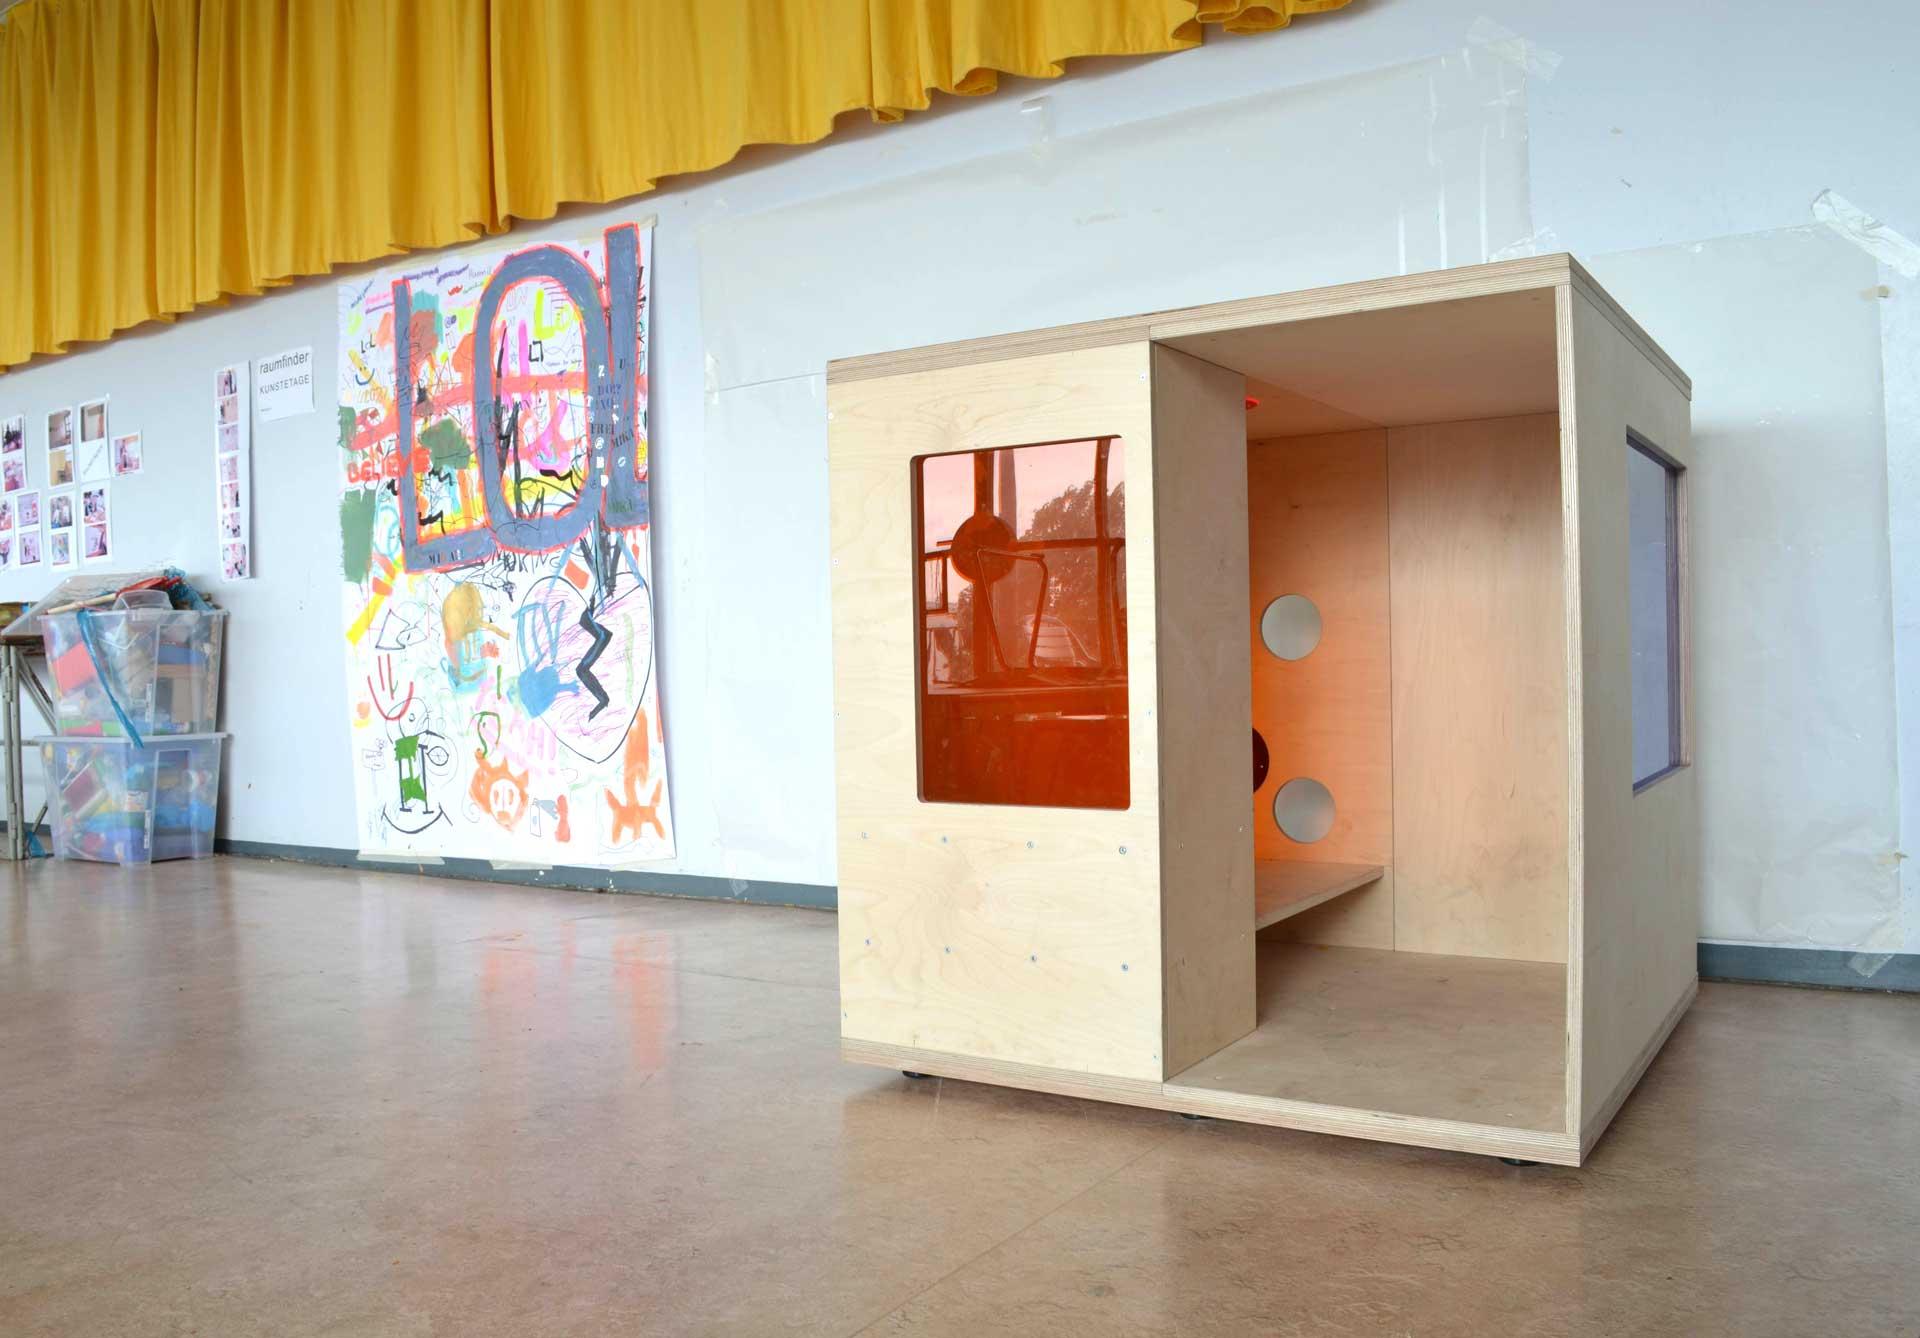 Rückzugsräume an der Wilhelm-von-Humboldt-Gemeinschaftsschule in Berlin